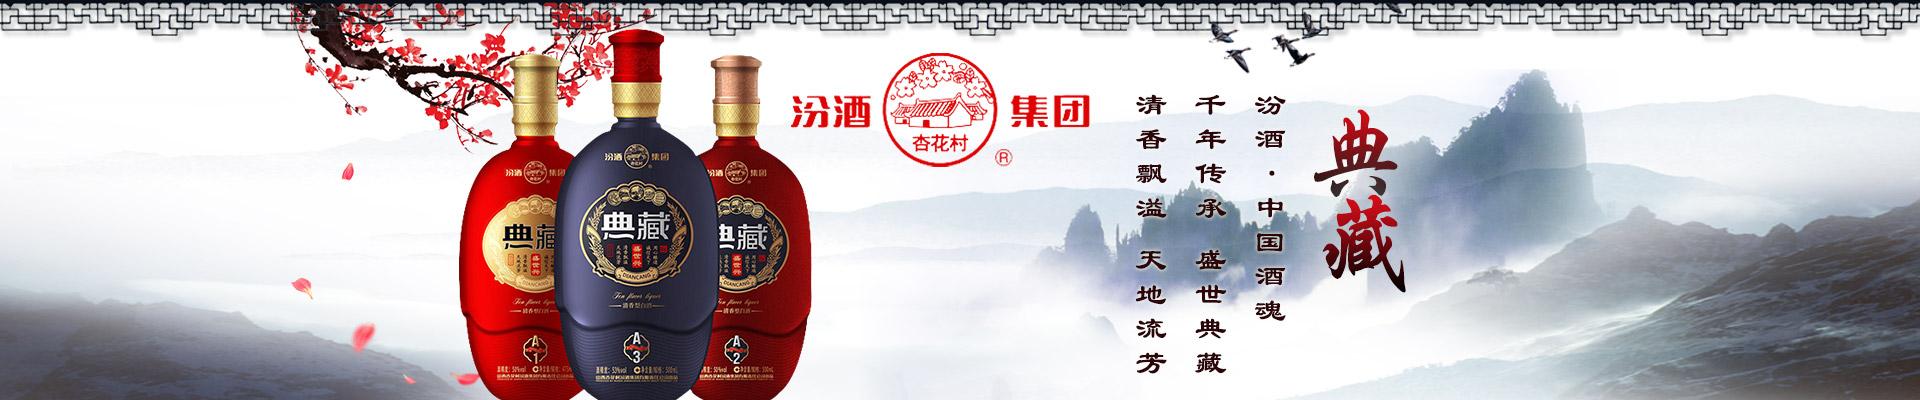 汾酒集团盛世兴典藏